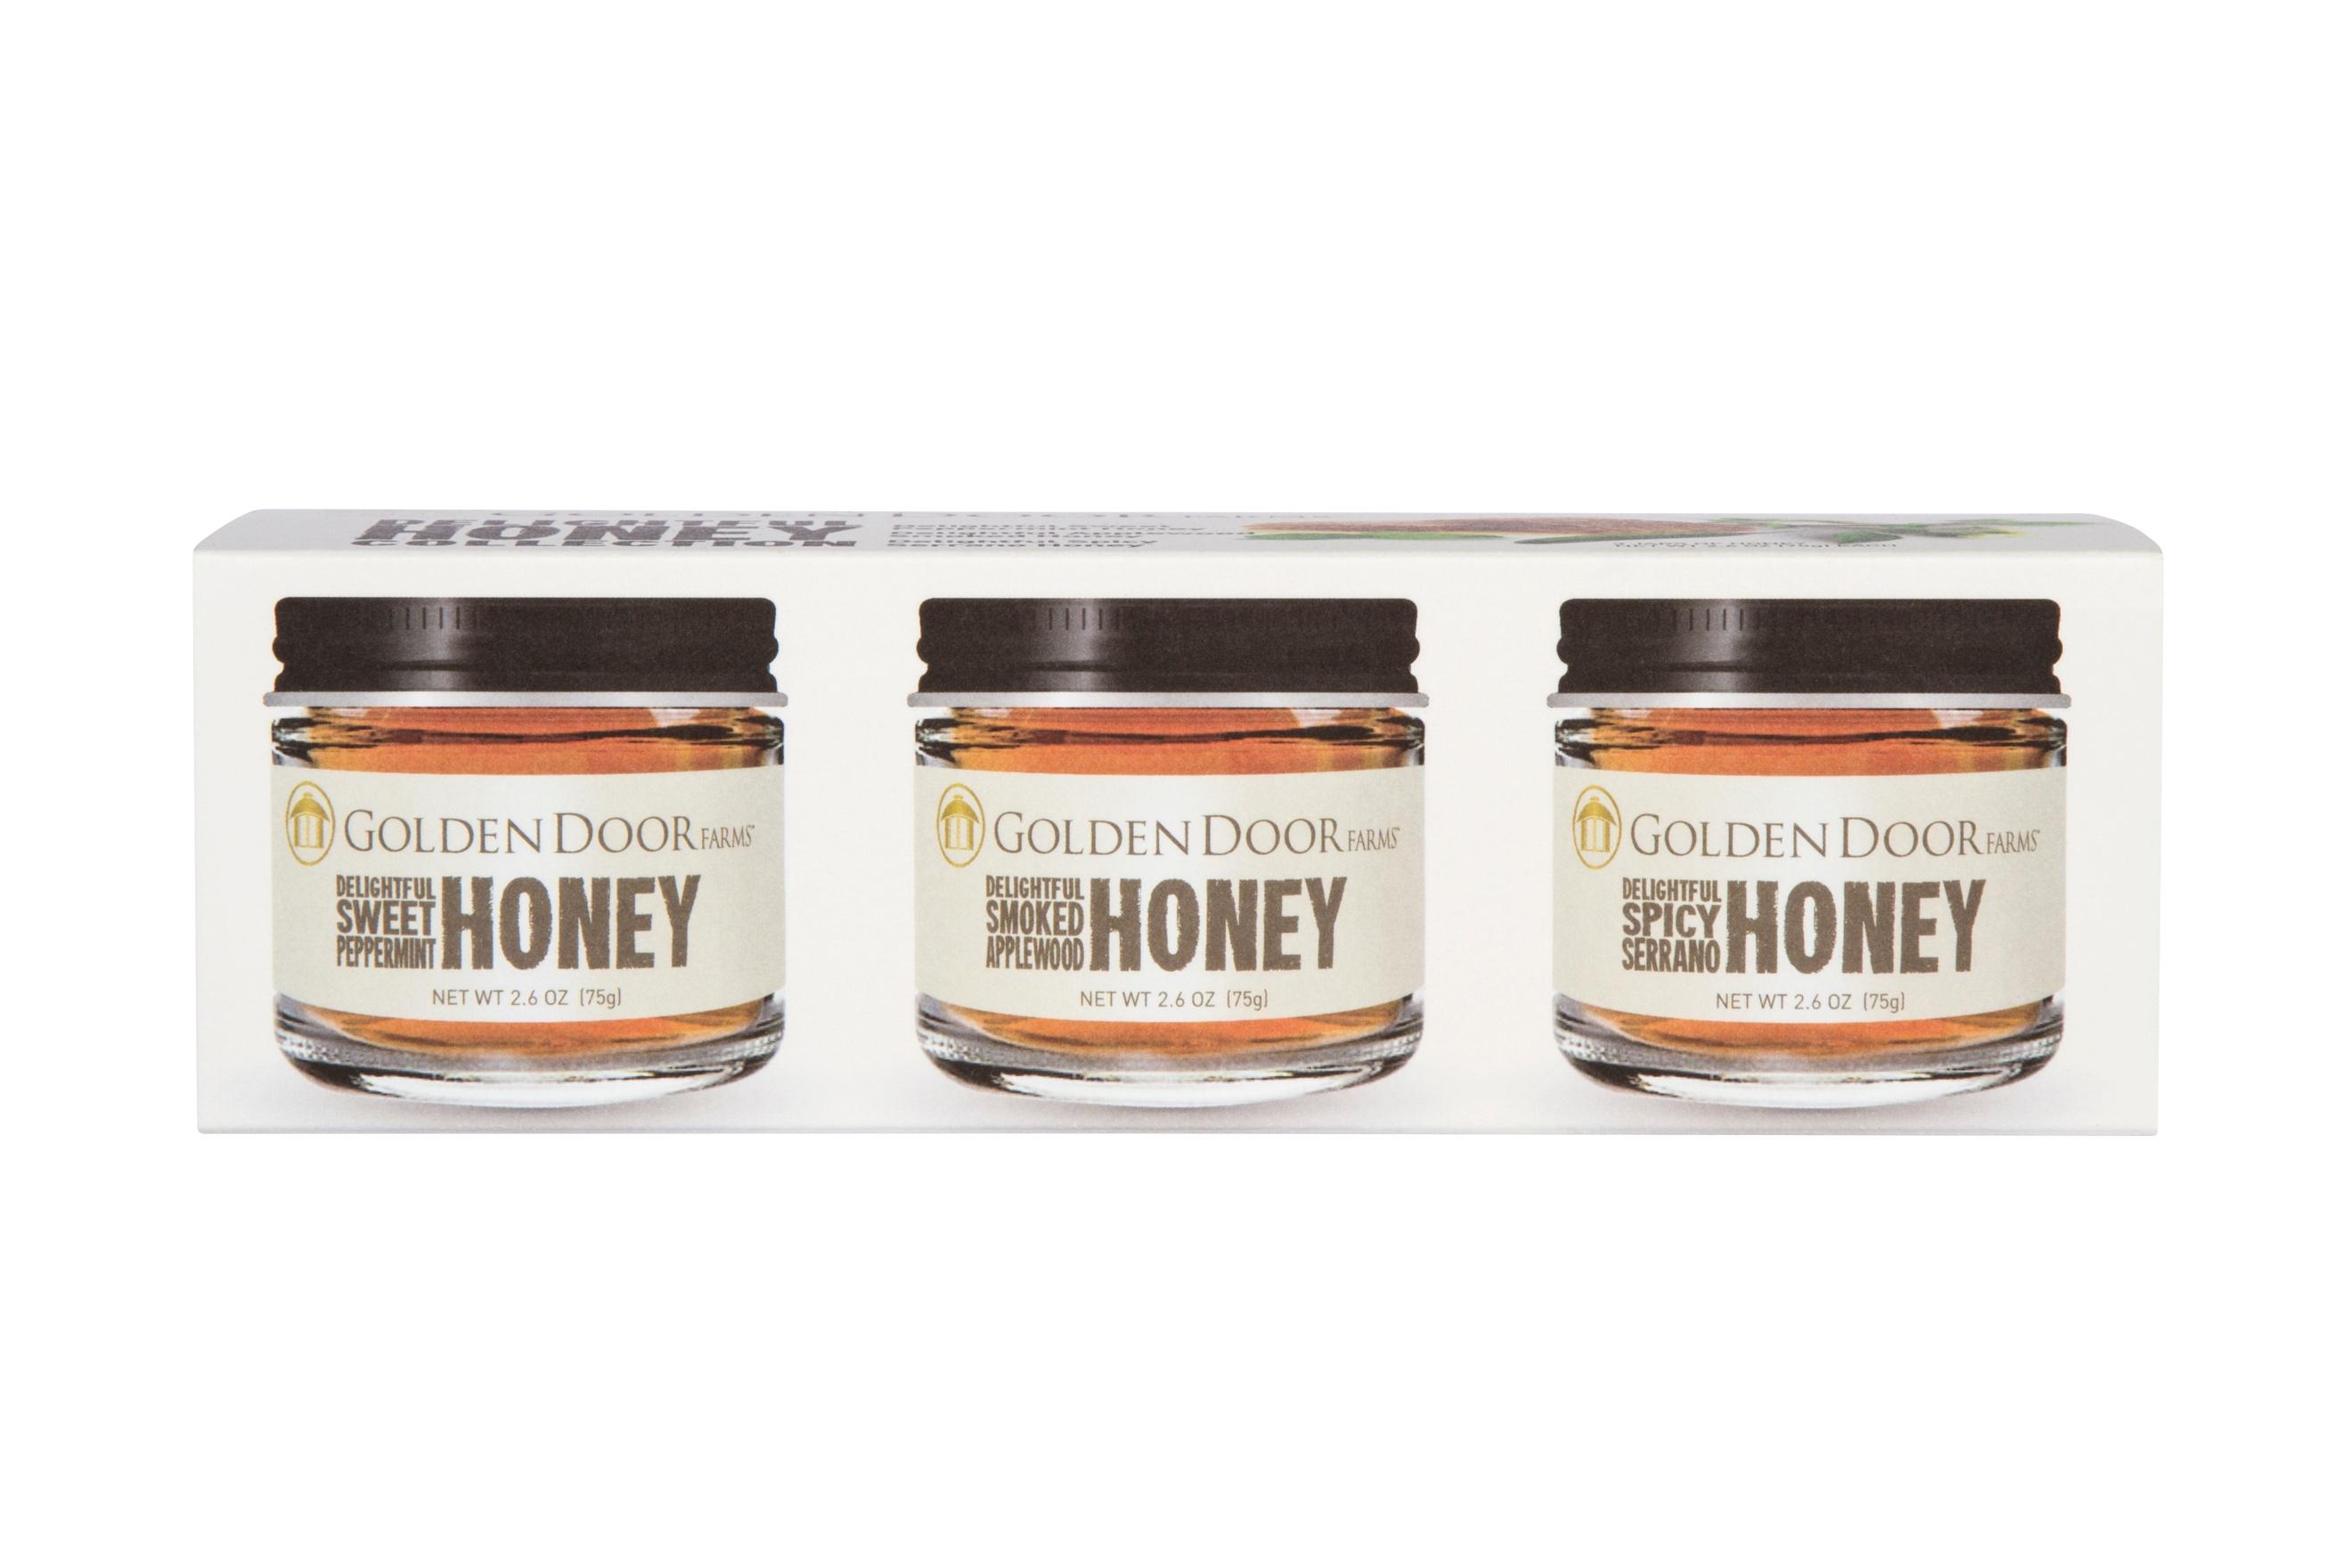 golden door honey trio makes a perfect foodie gift